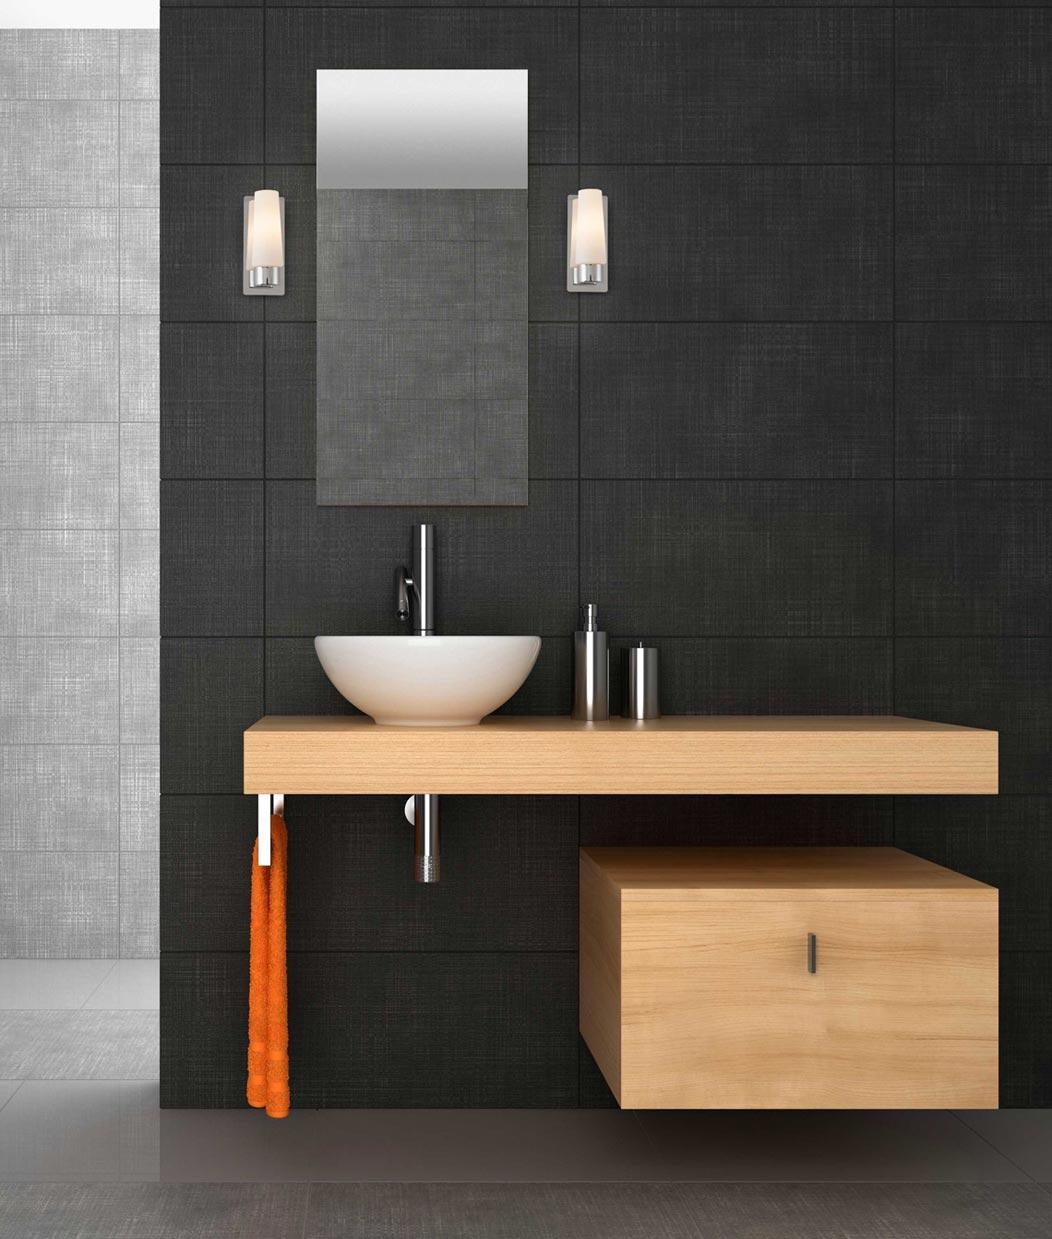 Aplique de ba o 1 luz doka cromo la casa de la l mpara - Aplique pared bano ...